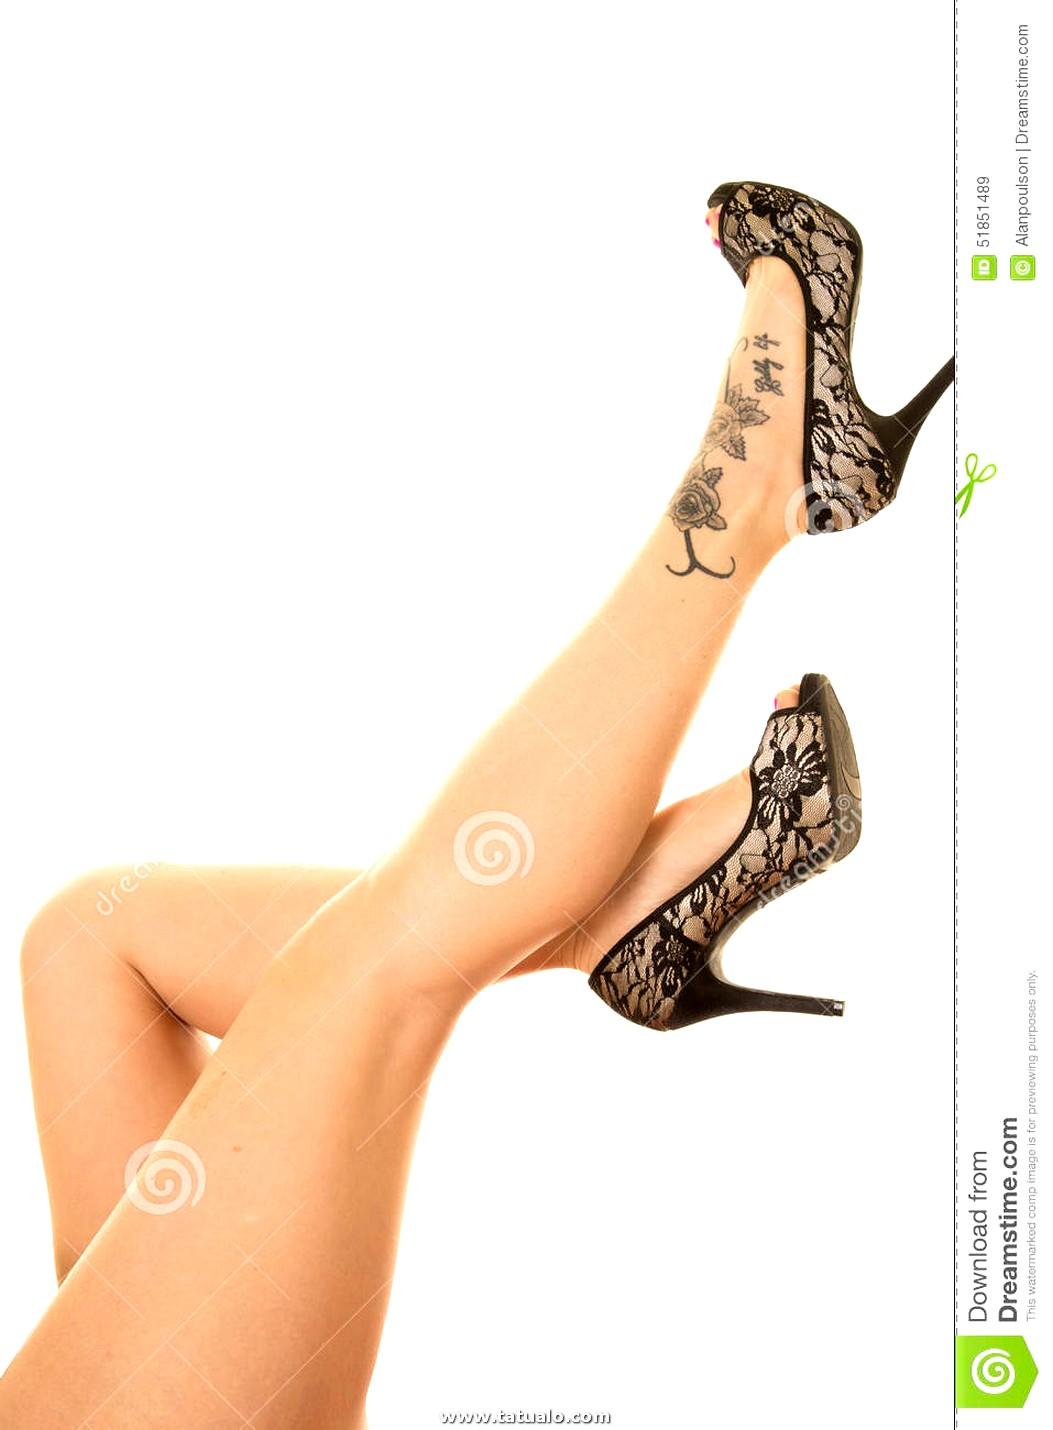 Tatuaje De Las Piernas De La Mujer Pie Golpeado Con El Pie Para Arriba 51851489